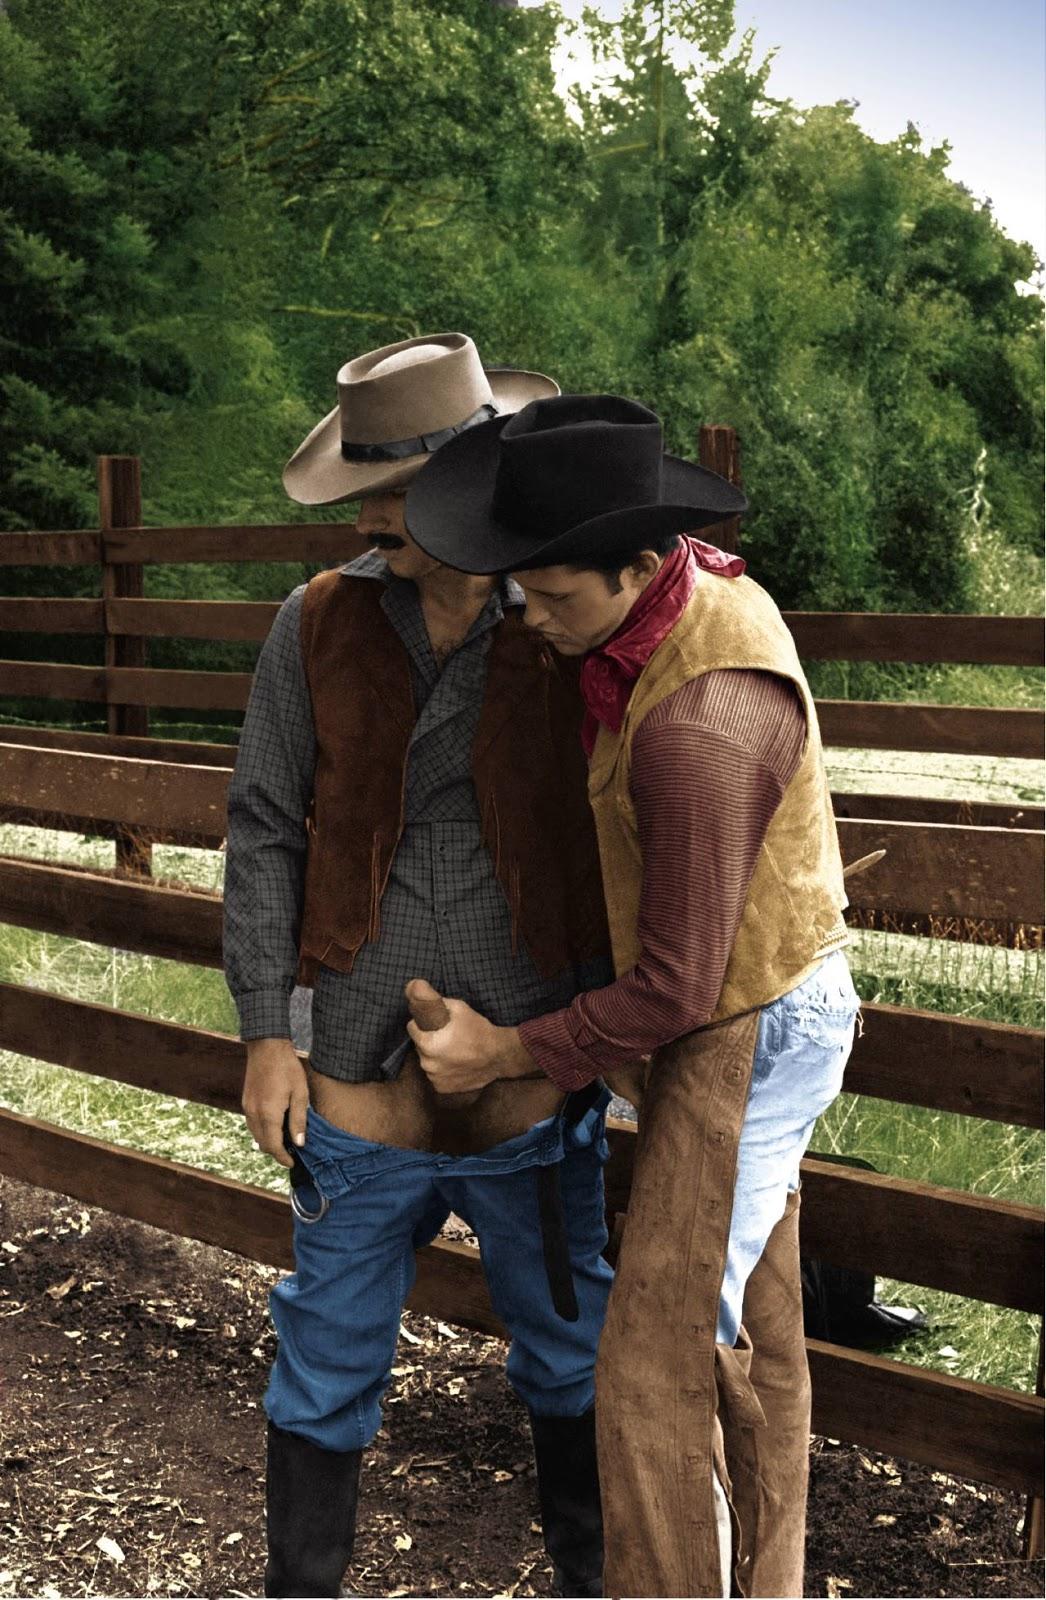 Riding cowboys in san diego